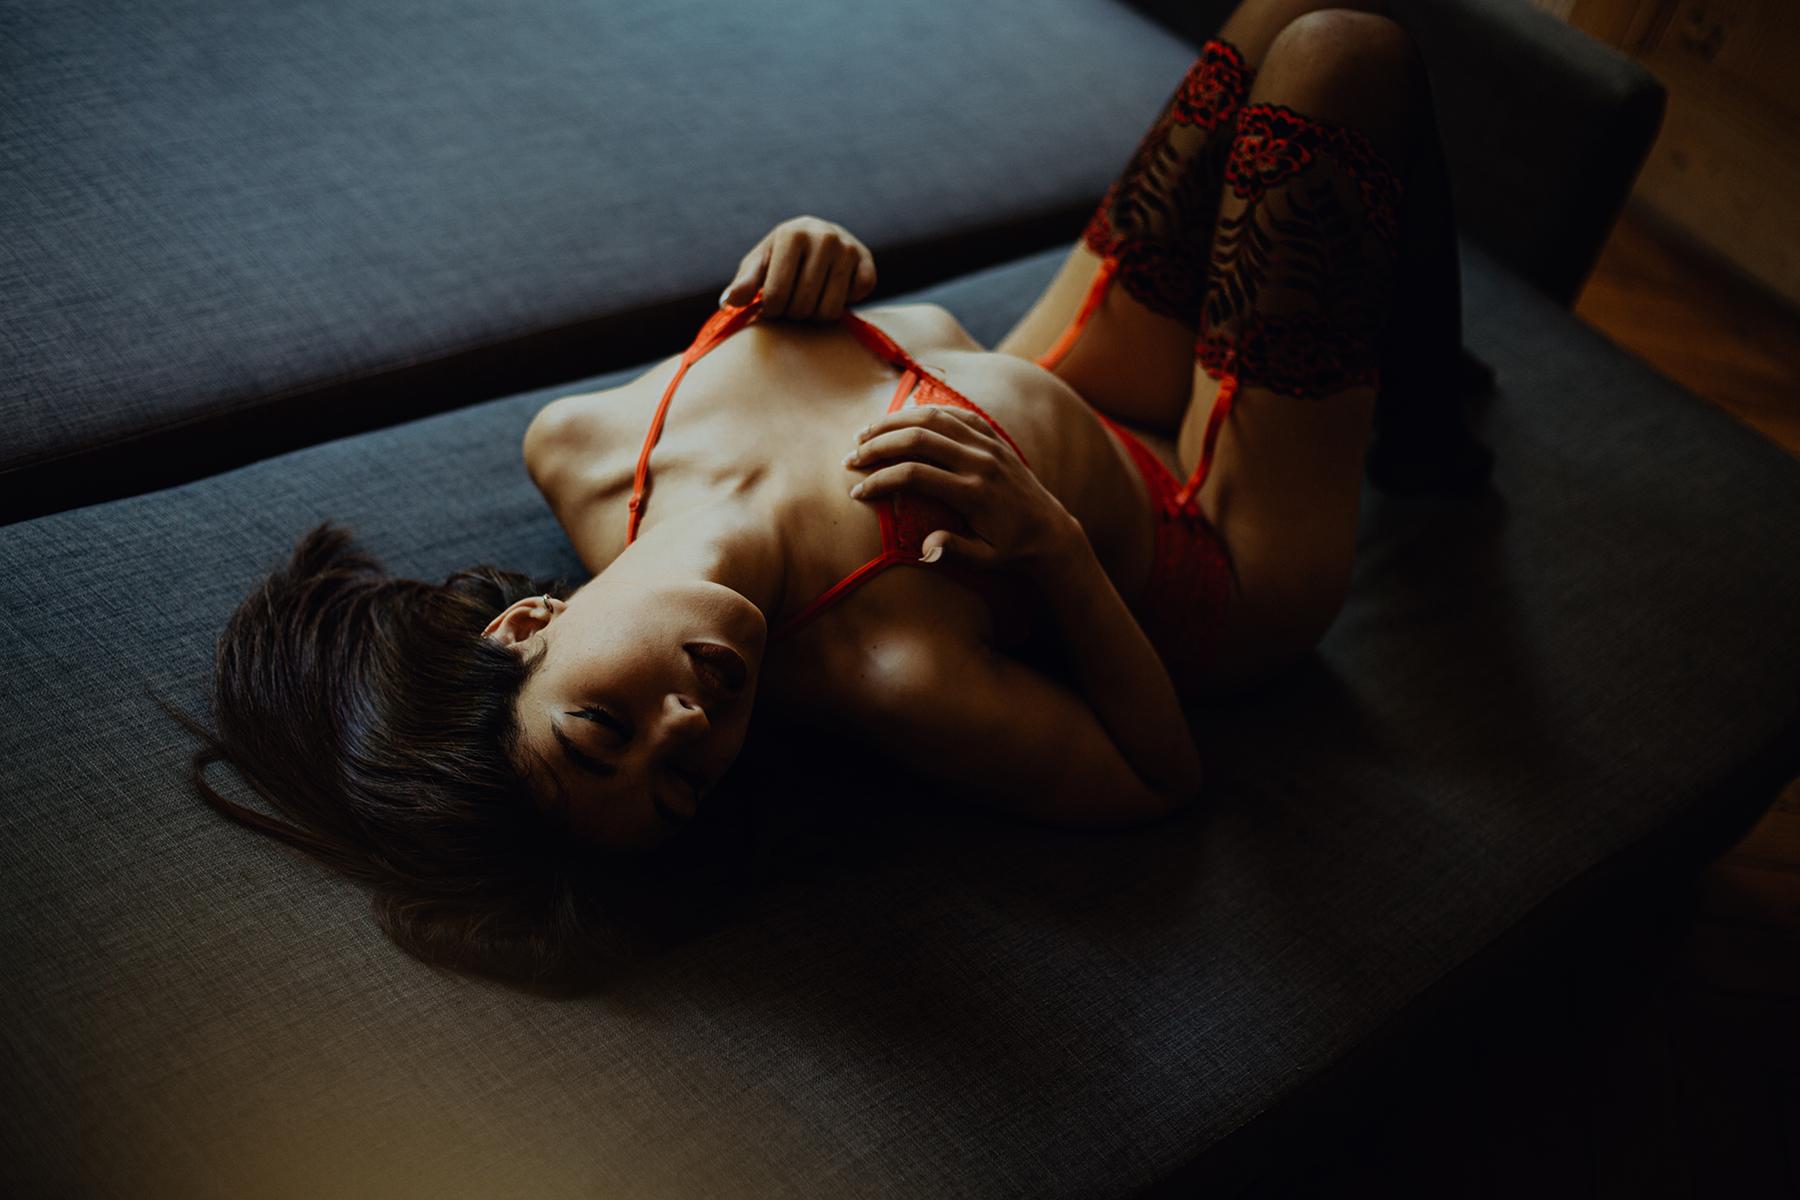 Photographe porn'art et érotique à Lyon